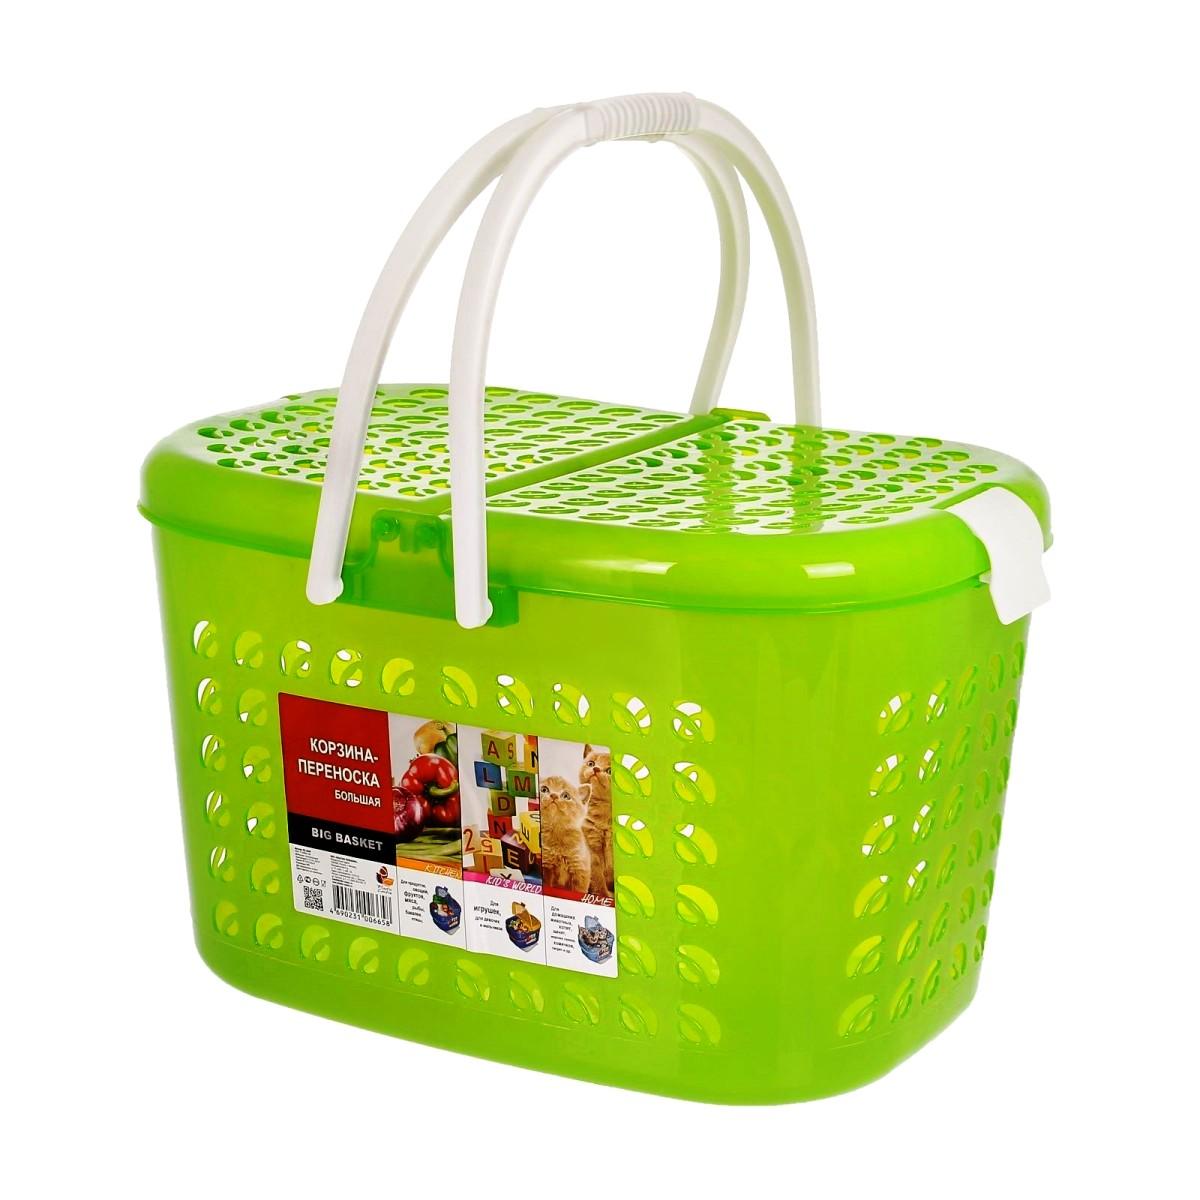 Корзина для пикника Plastic Centre 35ПЦ3410- обзор, преимущества, отзывы. Заказать товар за 431 руб. Бренд Plastic Centre